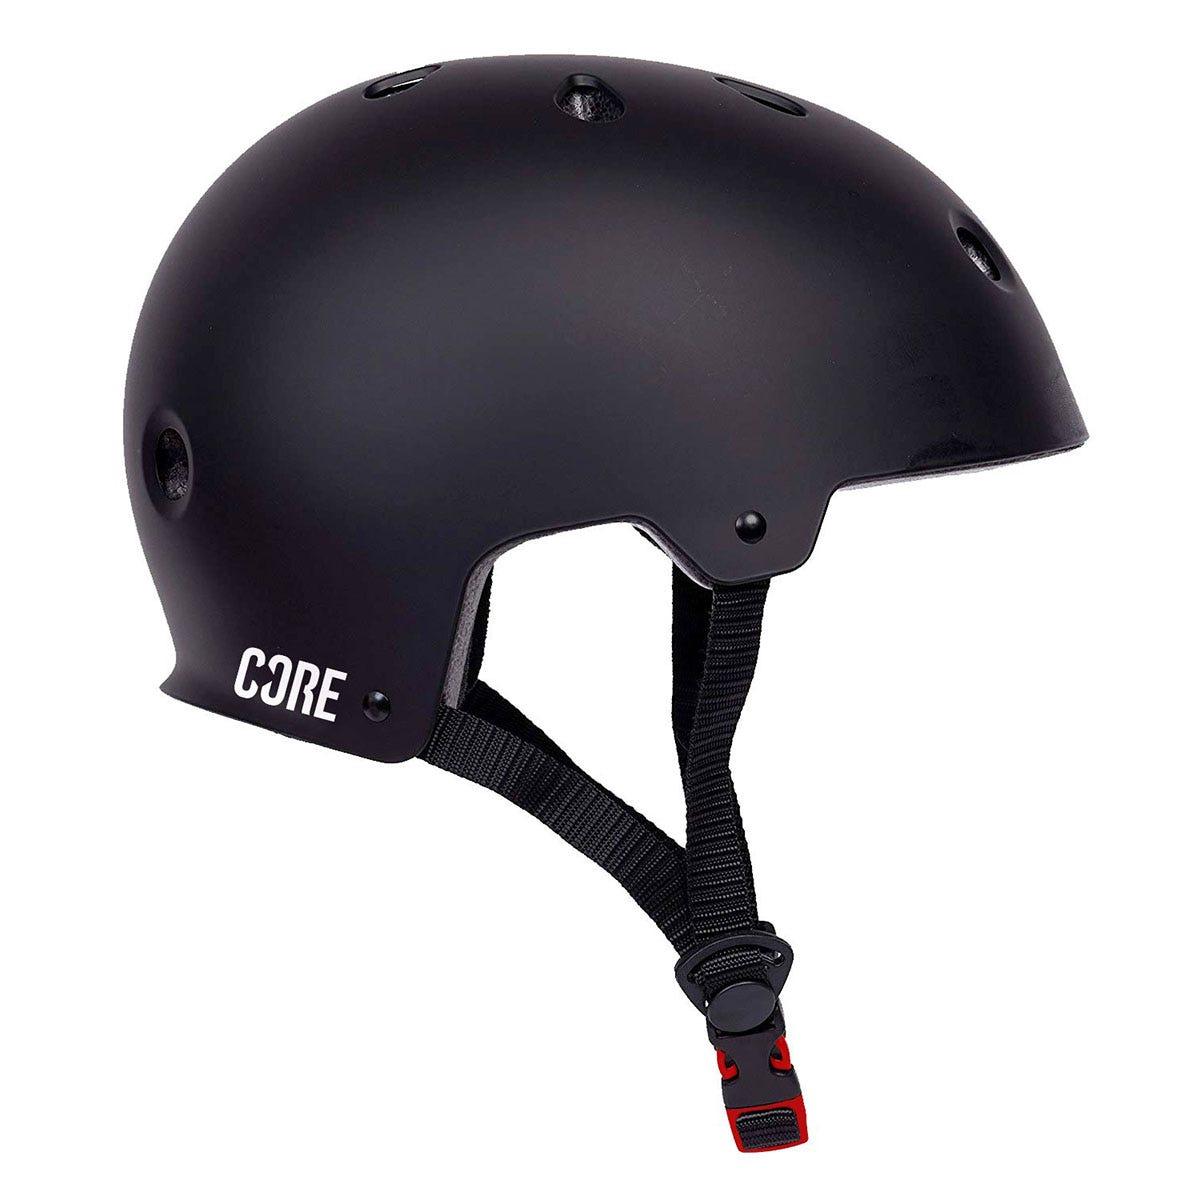 CORE Basic Helmet - Black S/M